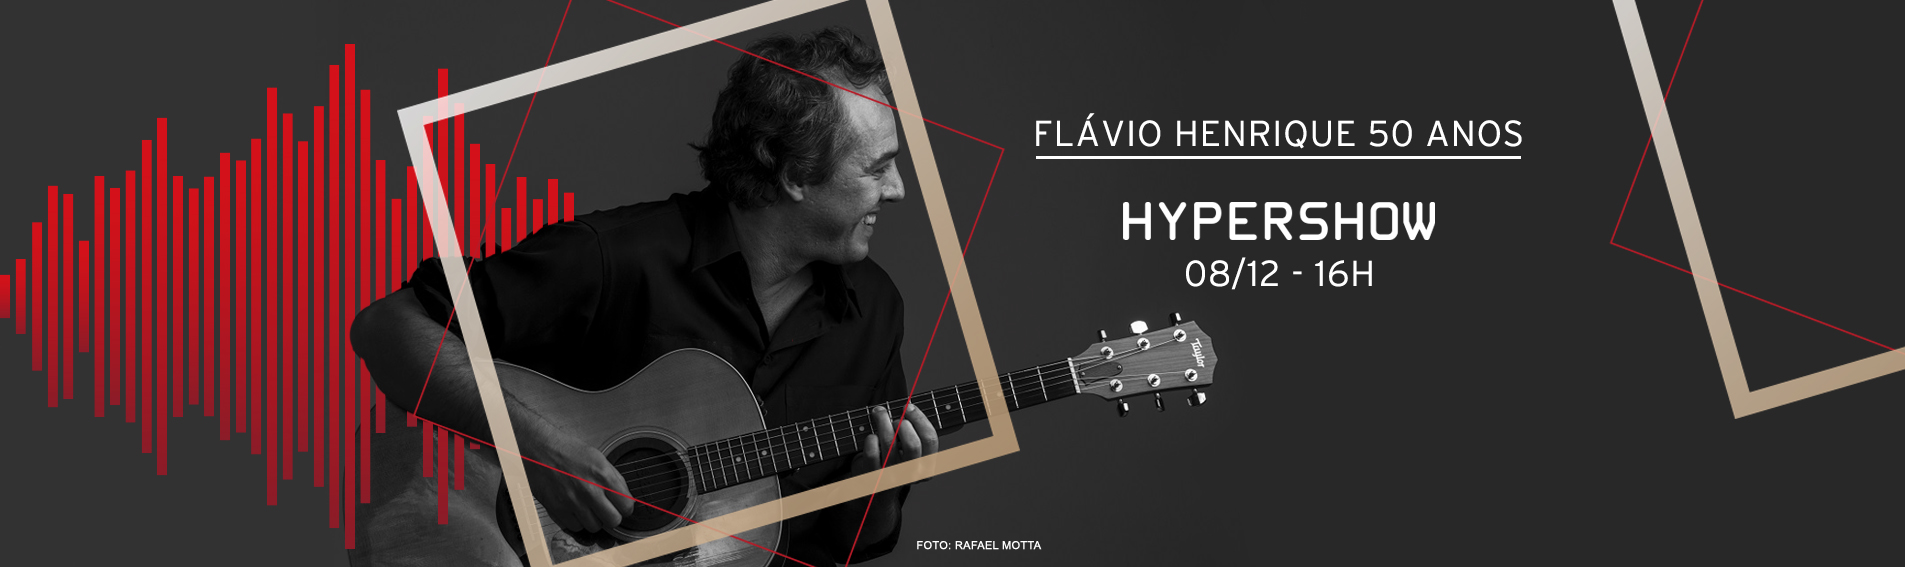 banner-site-Flavio